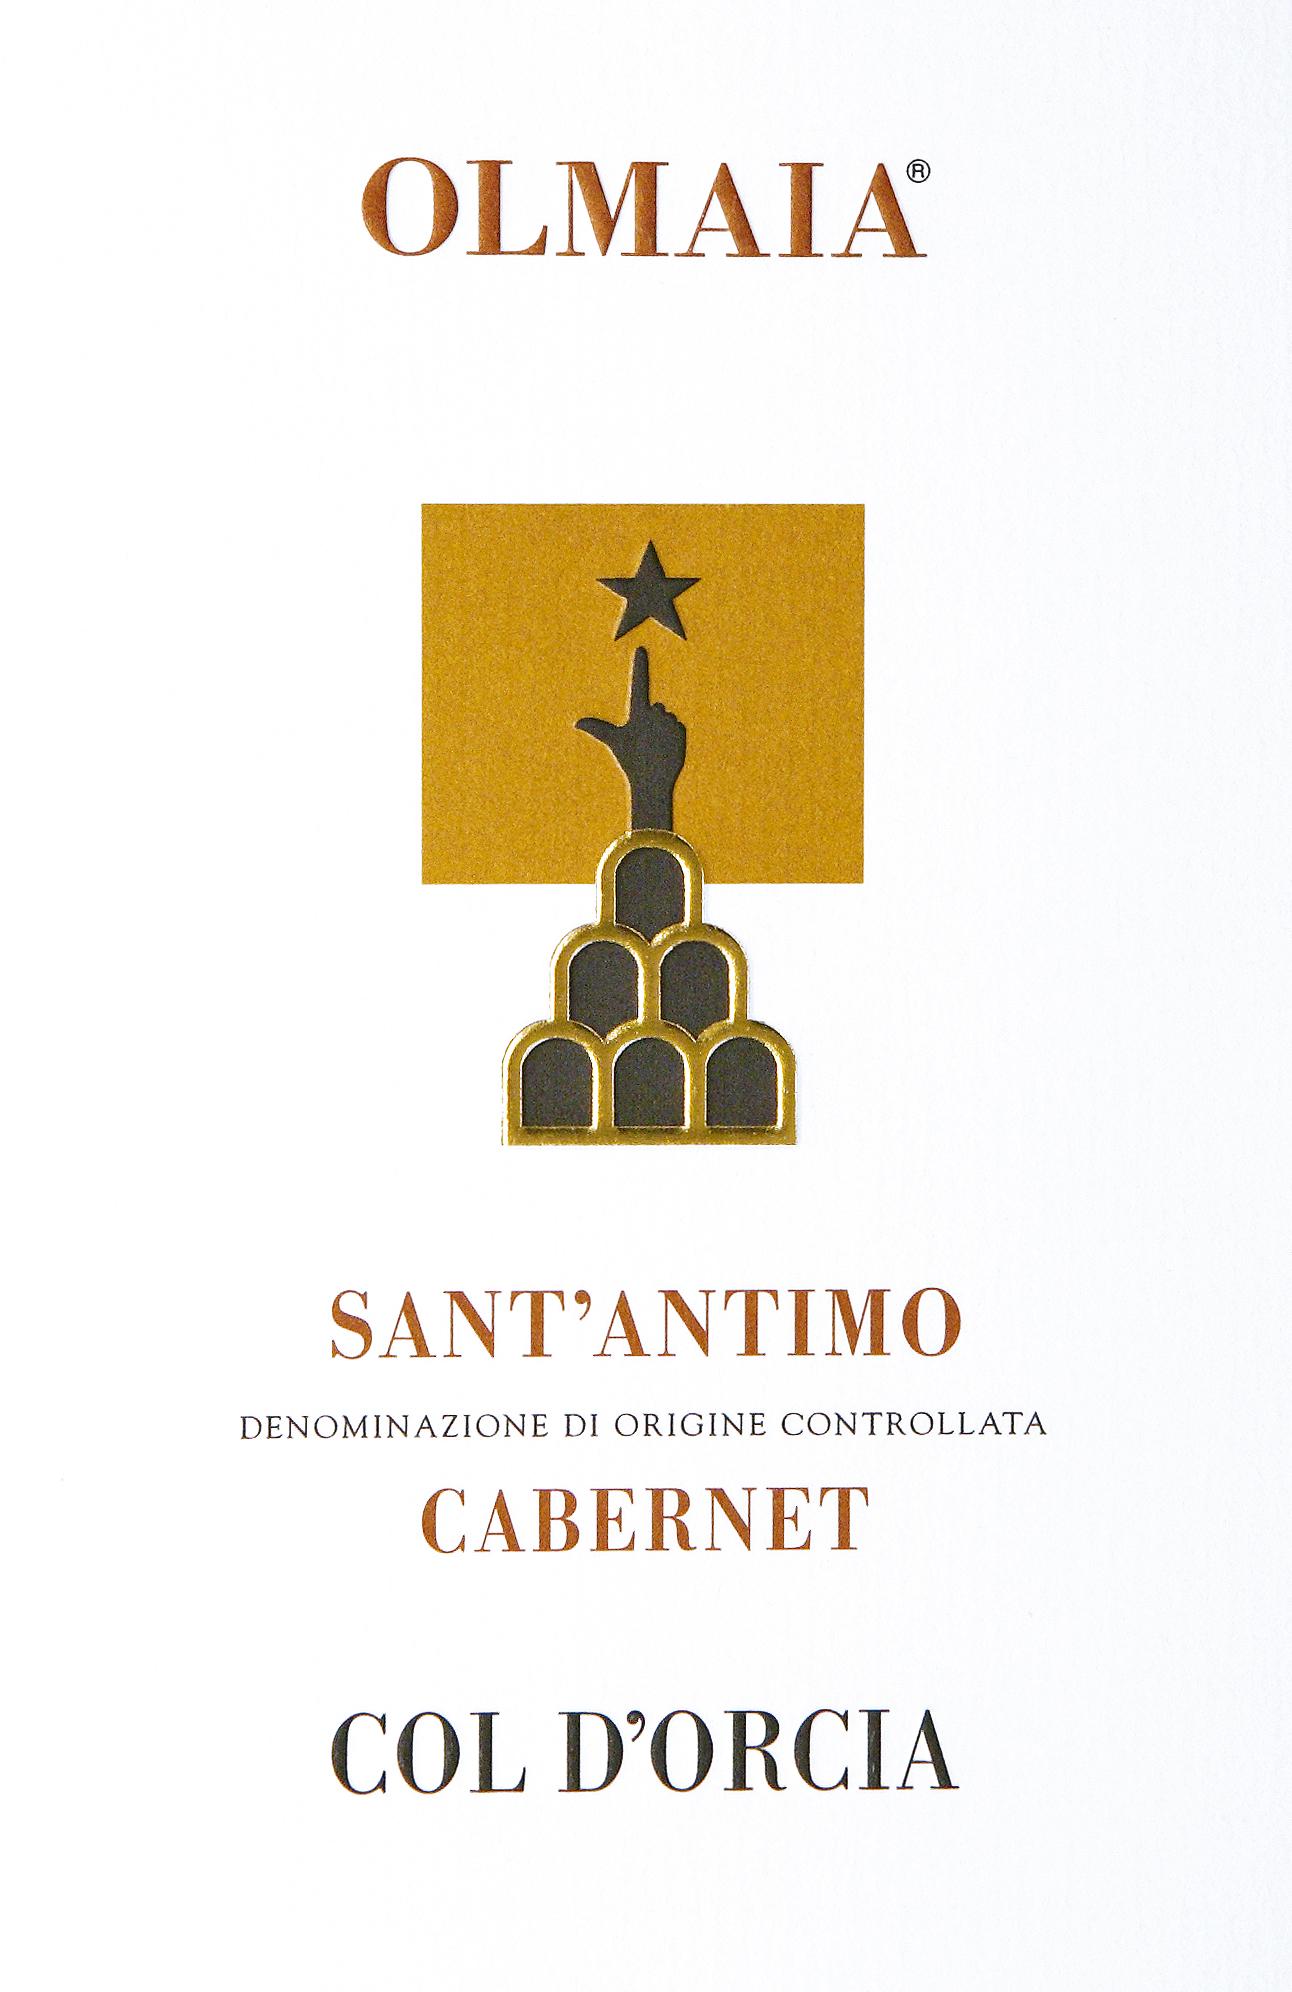 道尔恰奥尔玛伊亚圣安蒂莫赤霞珠干红Col d'Orcia Olmaia Sant'Antimo Cabernet